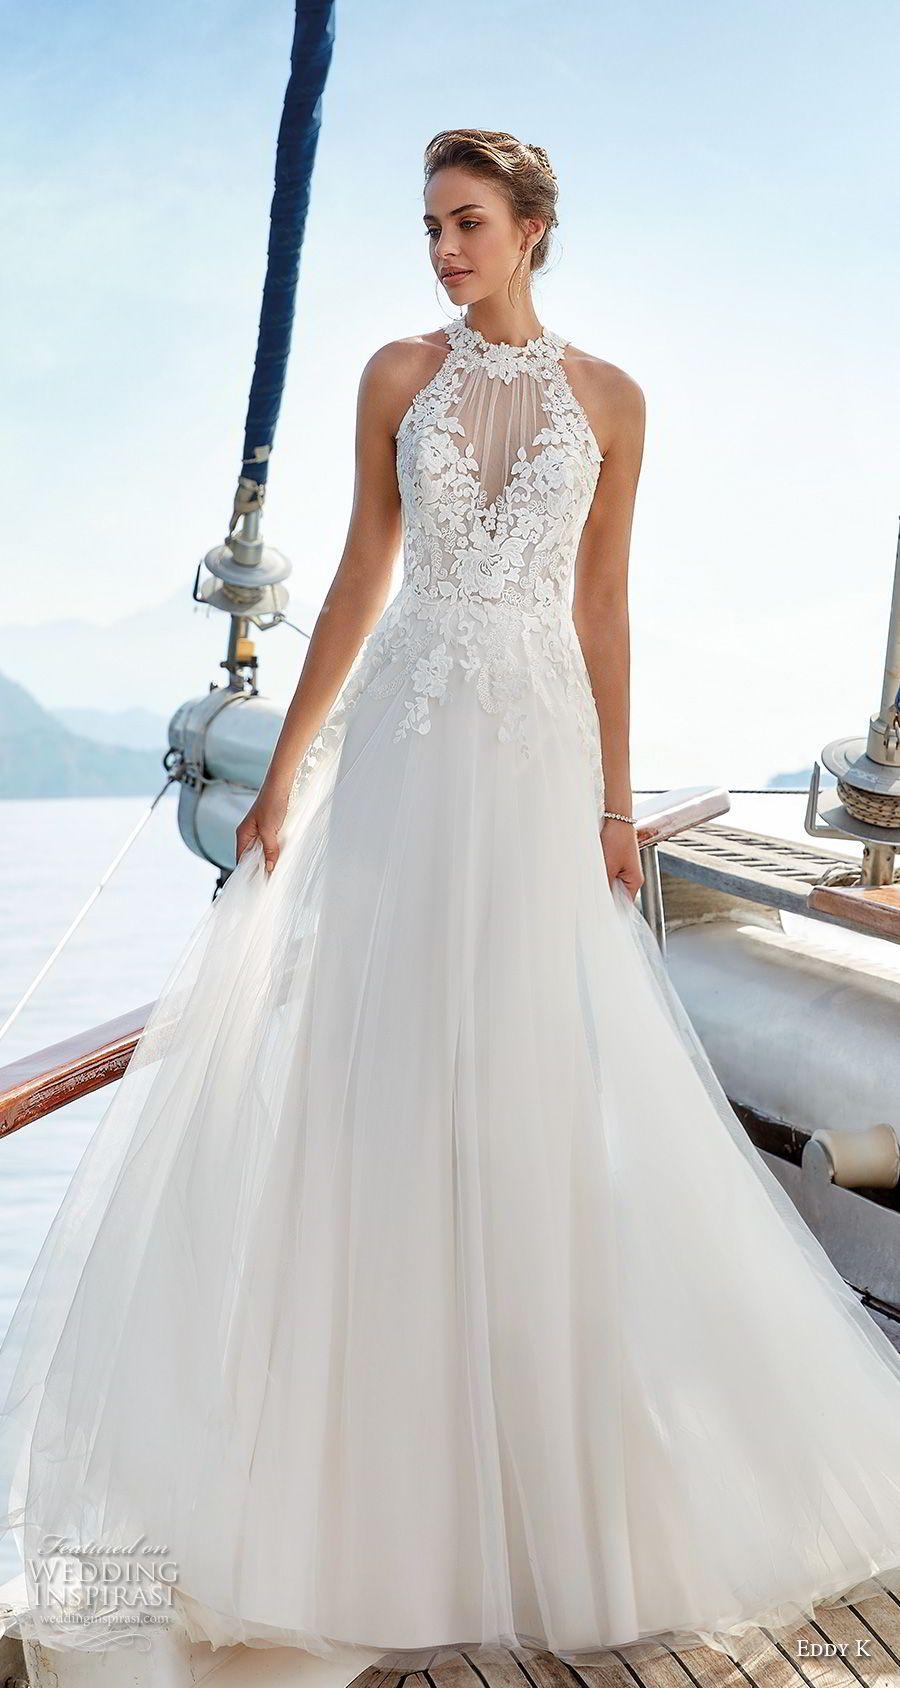 GOLA ALTA EDDY K - Tendências para vestidos de noiva em 2019